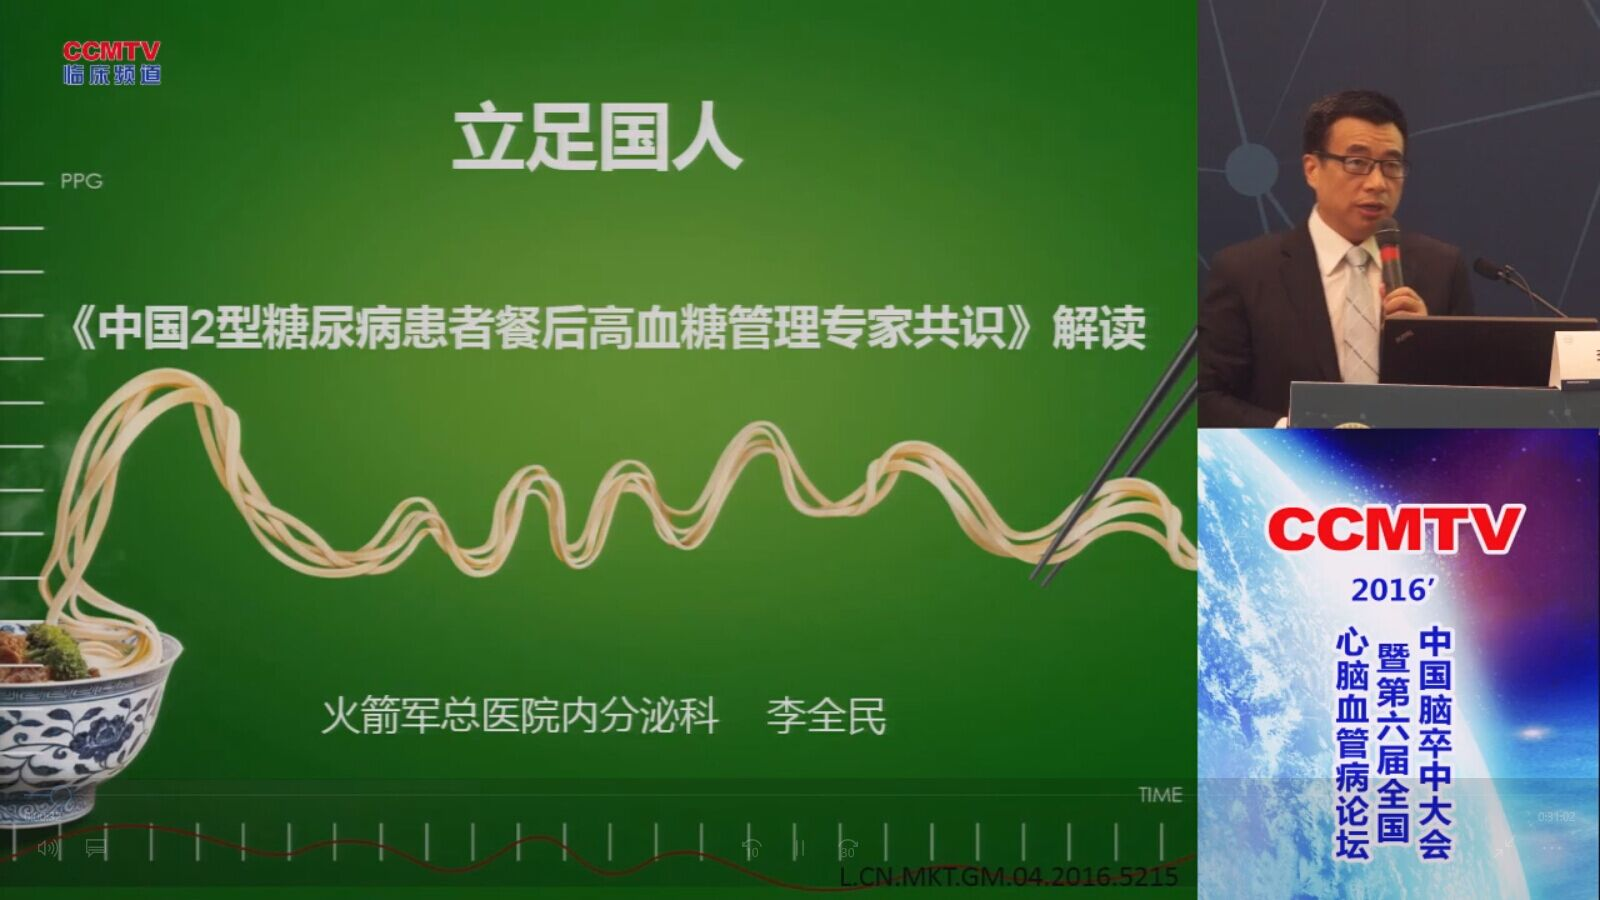 糖尿病 诊疗策略 指南 指南共识 李全民:《中国2型糖尿病患者餐后高血糖管理专家共识》解读